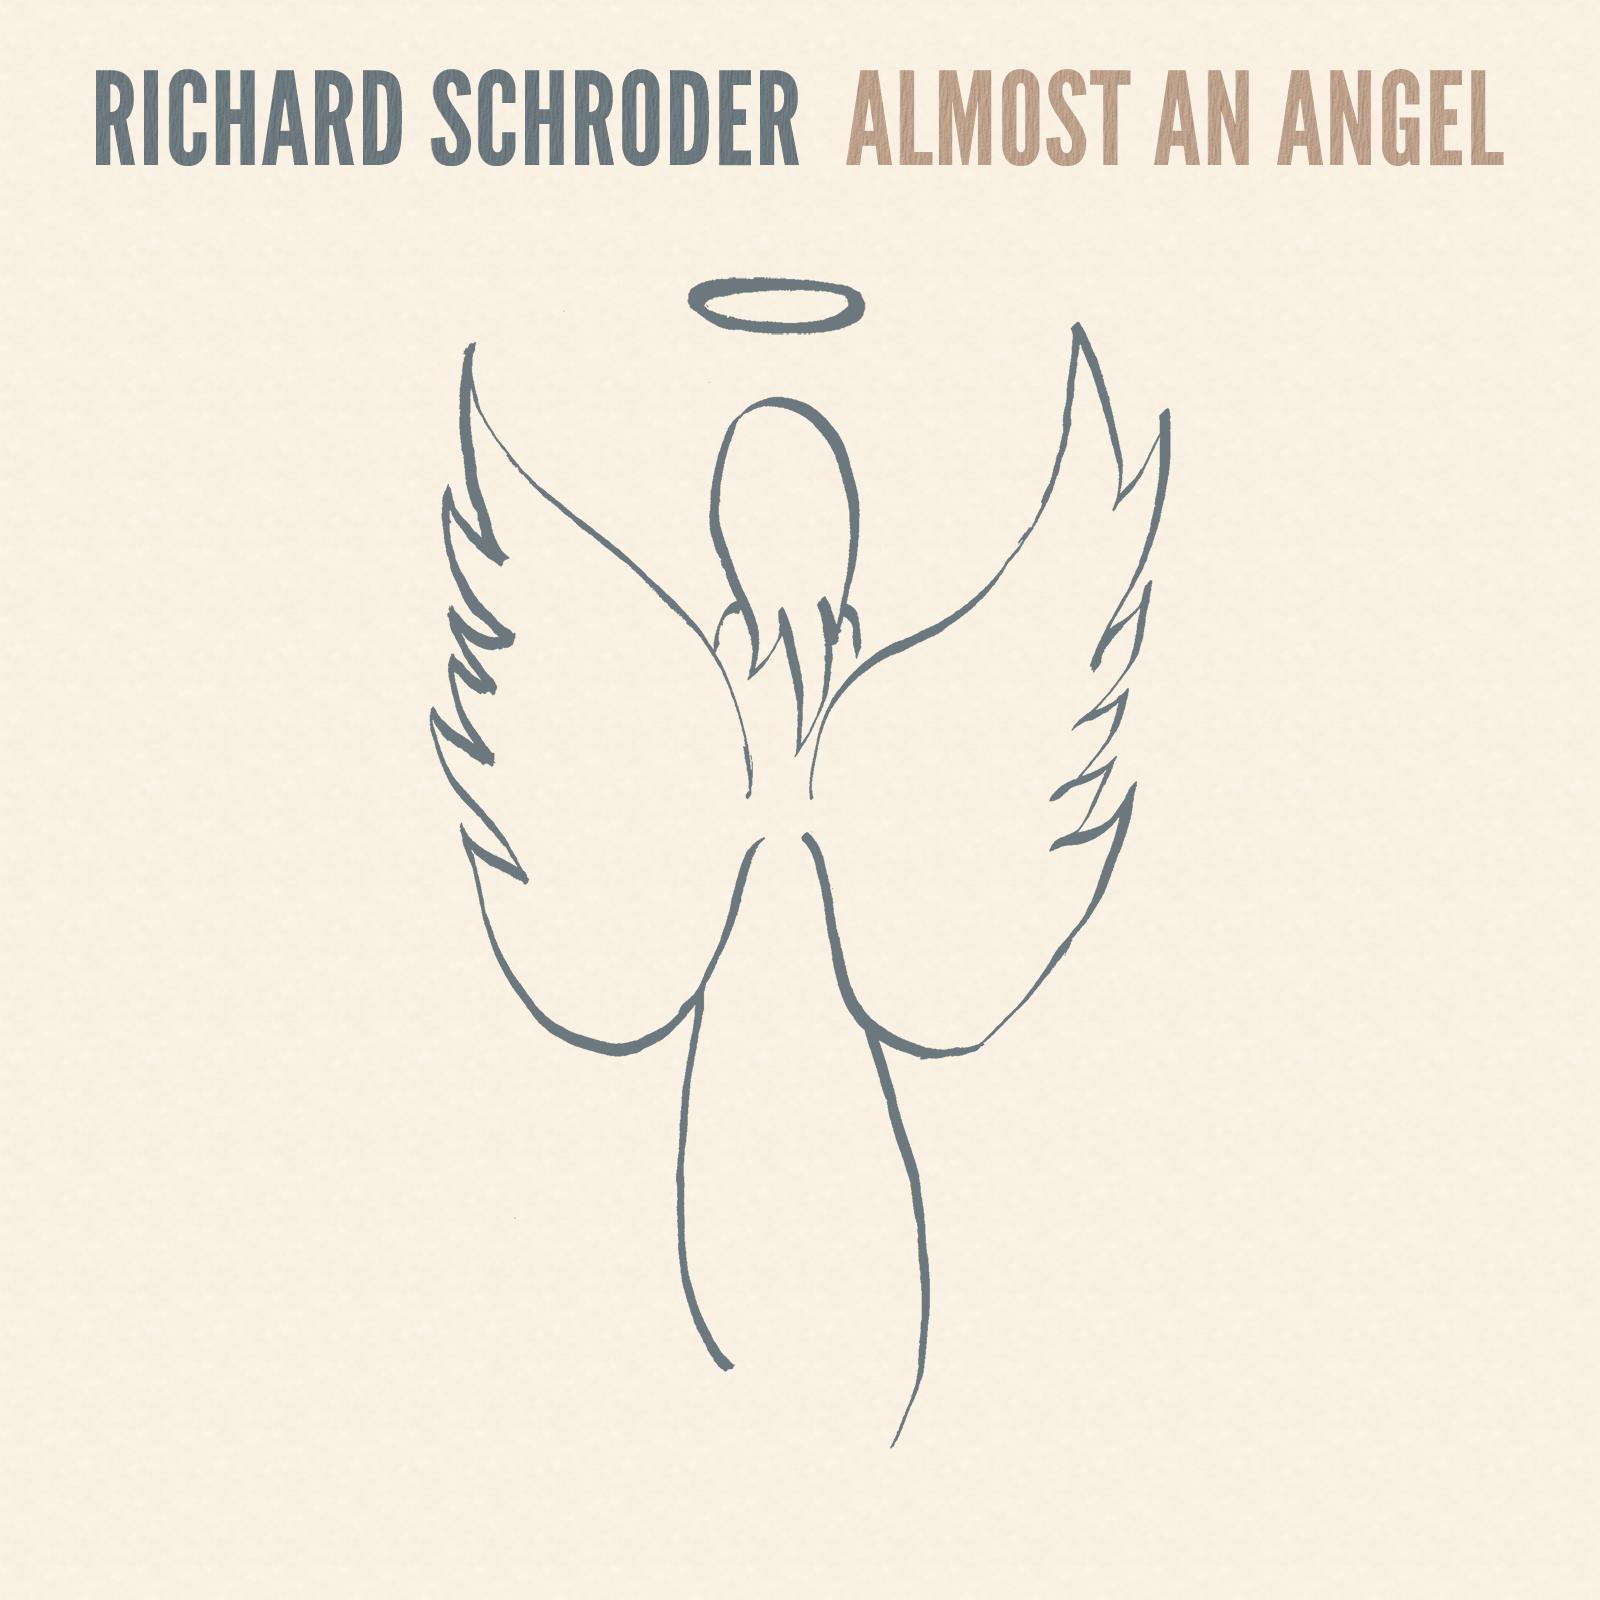 Richard Schroder - Almost an Angel - Single Art - 1600x1600.jpg